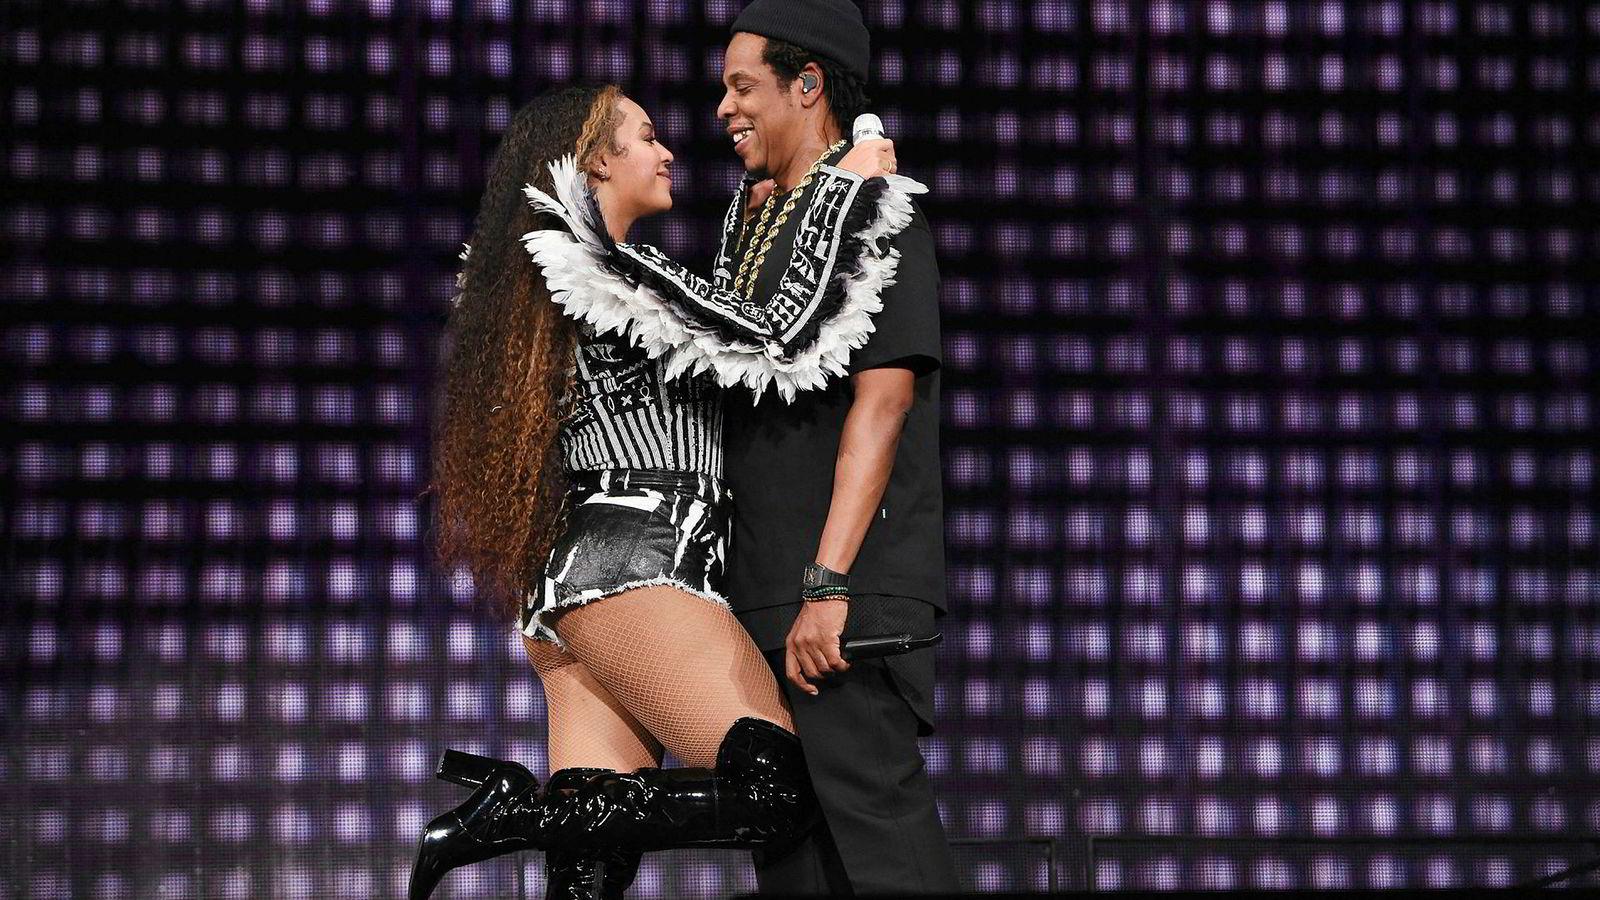 Jay Z gikk inn i Tidal på et tidspunkt da strømming for alvor fikk fotfeste i USA, men foreløpig har ikke investeringen kastet av seg. Her sammen med kona Beyoncé under Global Citizen Festival: Mandela 100 i Johannesburg i Sør-Afrika i desember 2018.